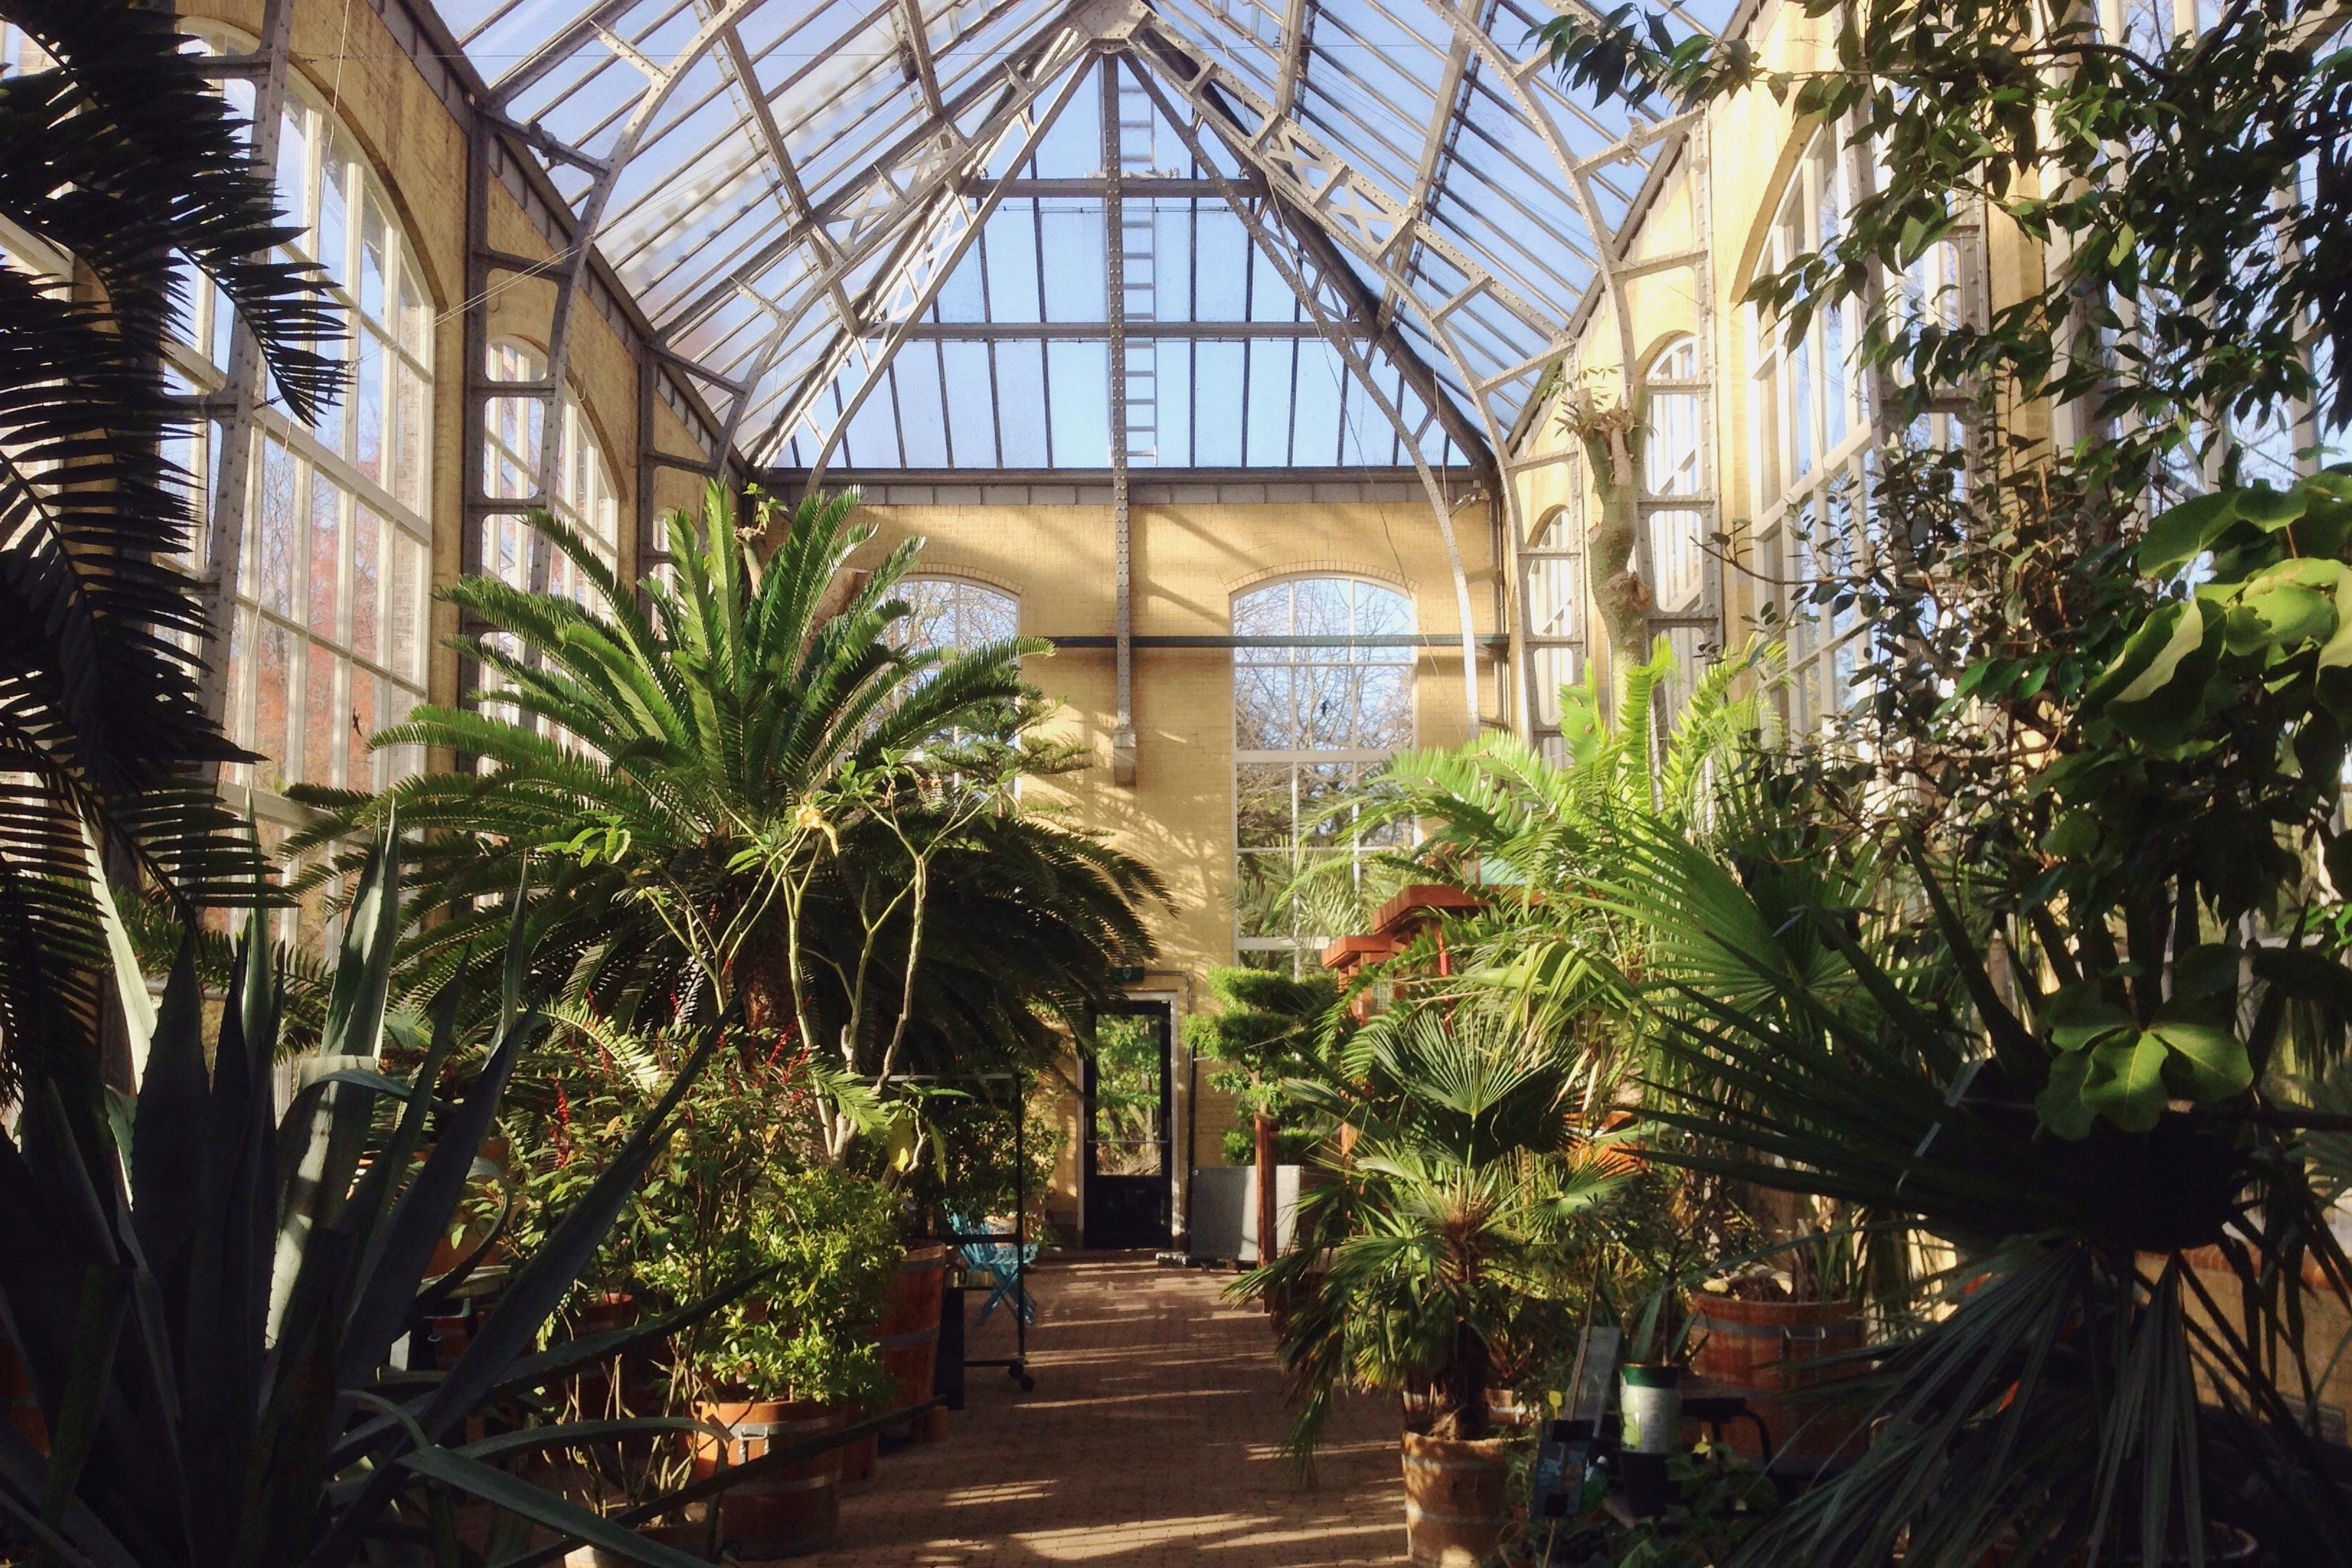 Fotos gratis : selva, propiedad, botánica, invernadero, recurso ...